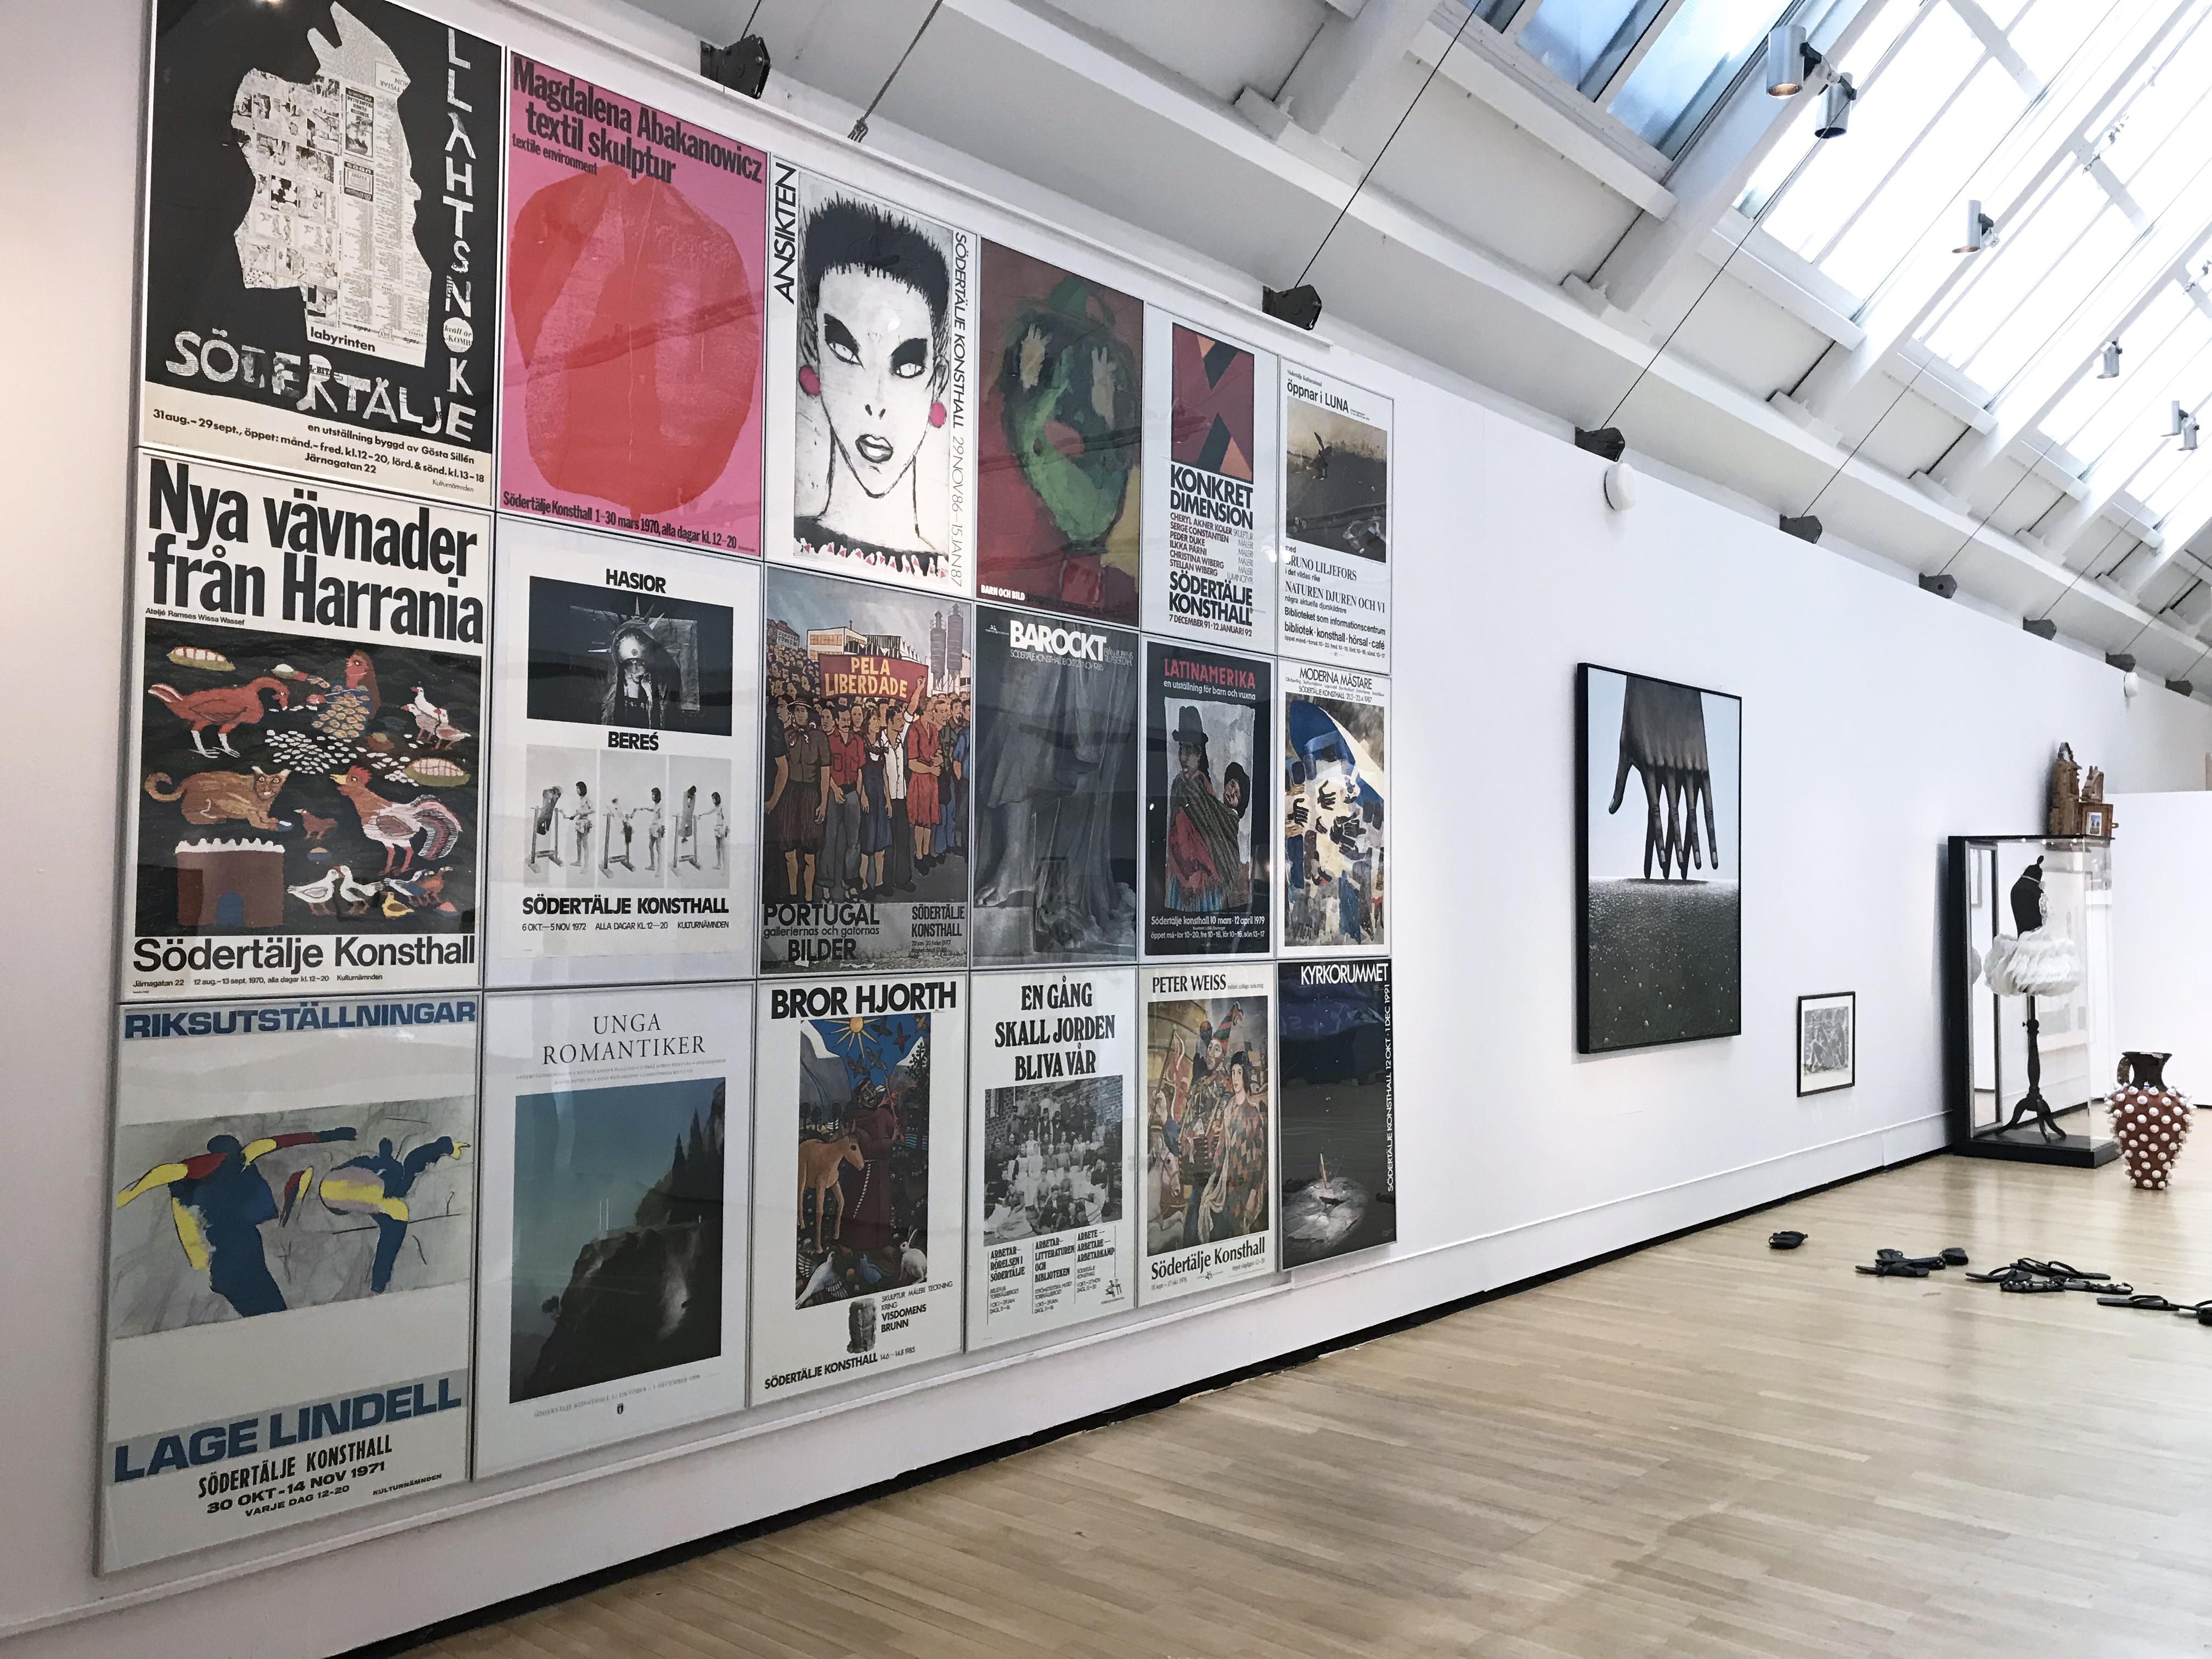 Affischer på en vägg